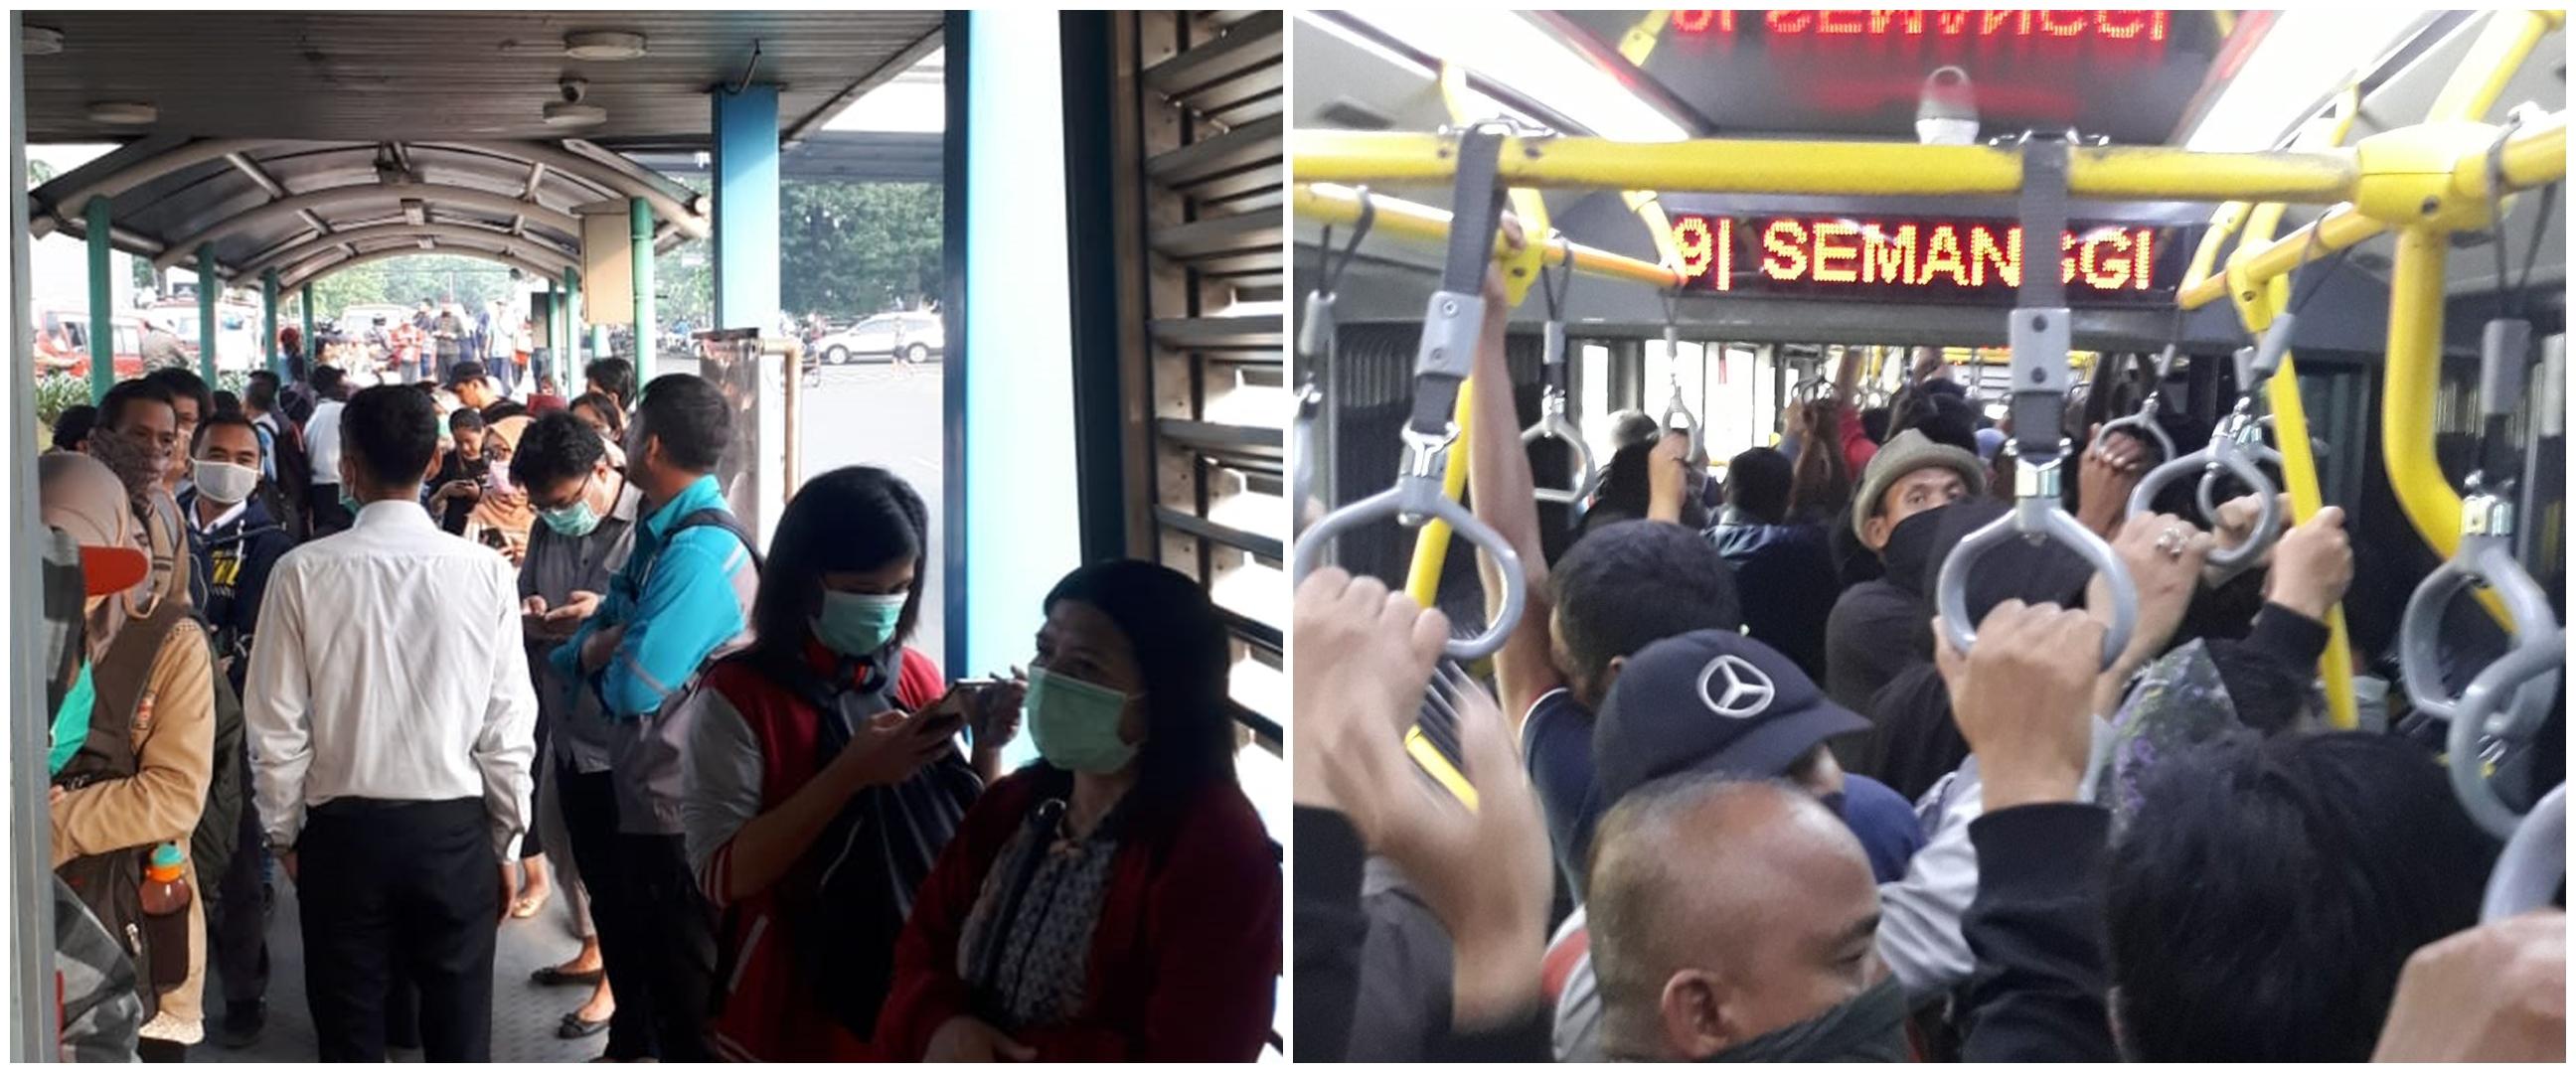 6 Potret antrean penumpang Trans Jakarta usai pembatasan rute